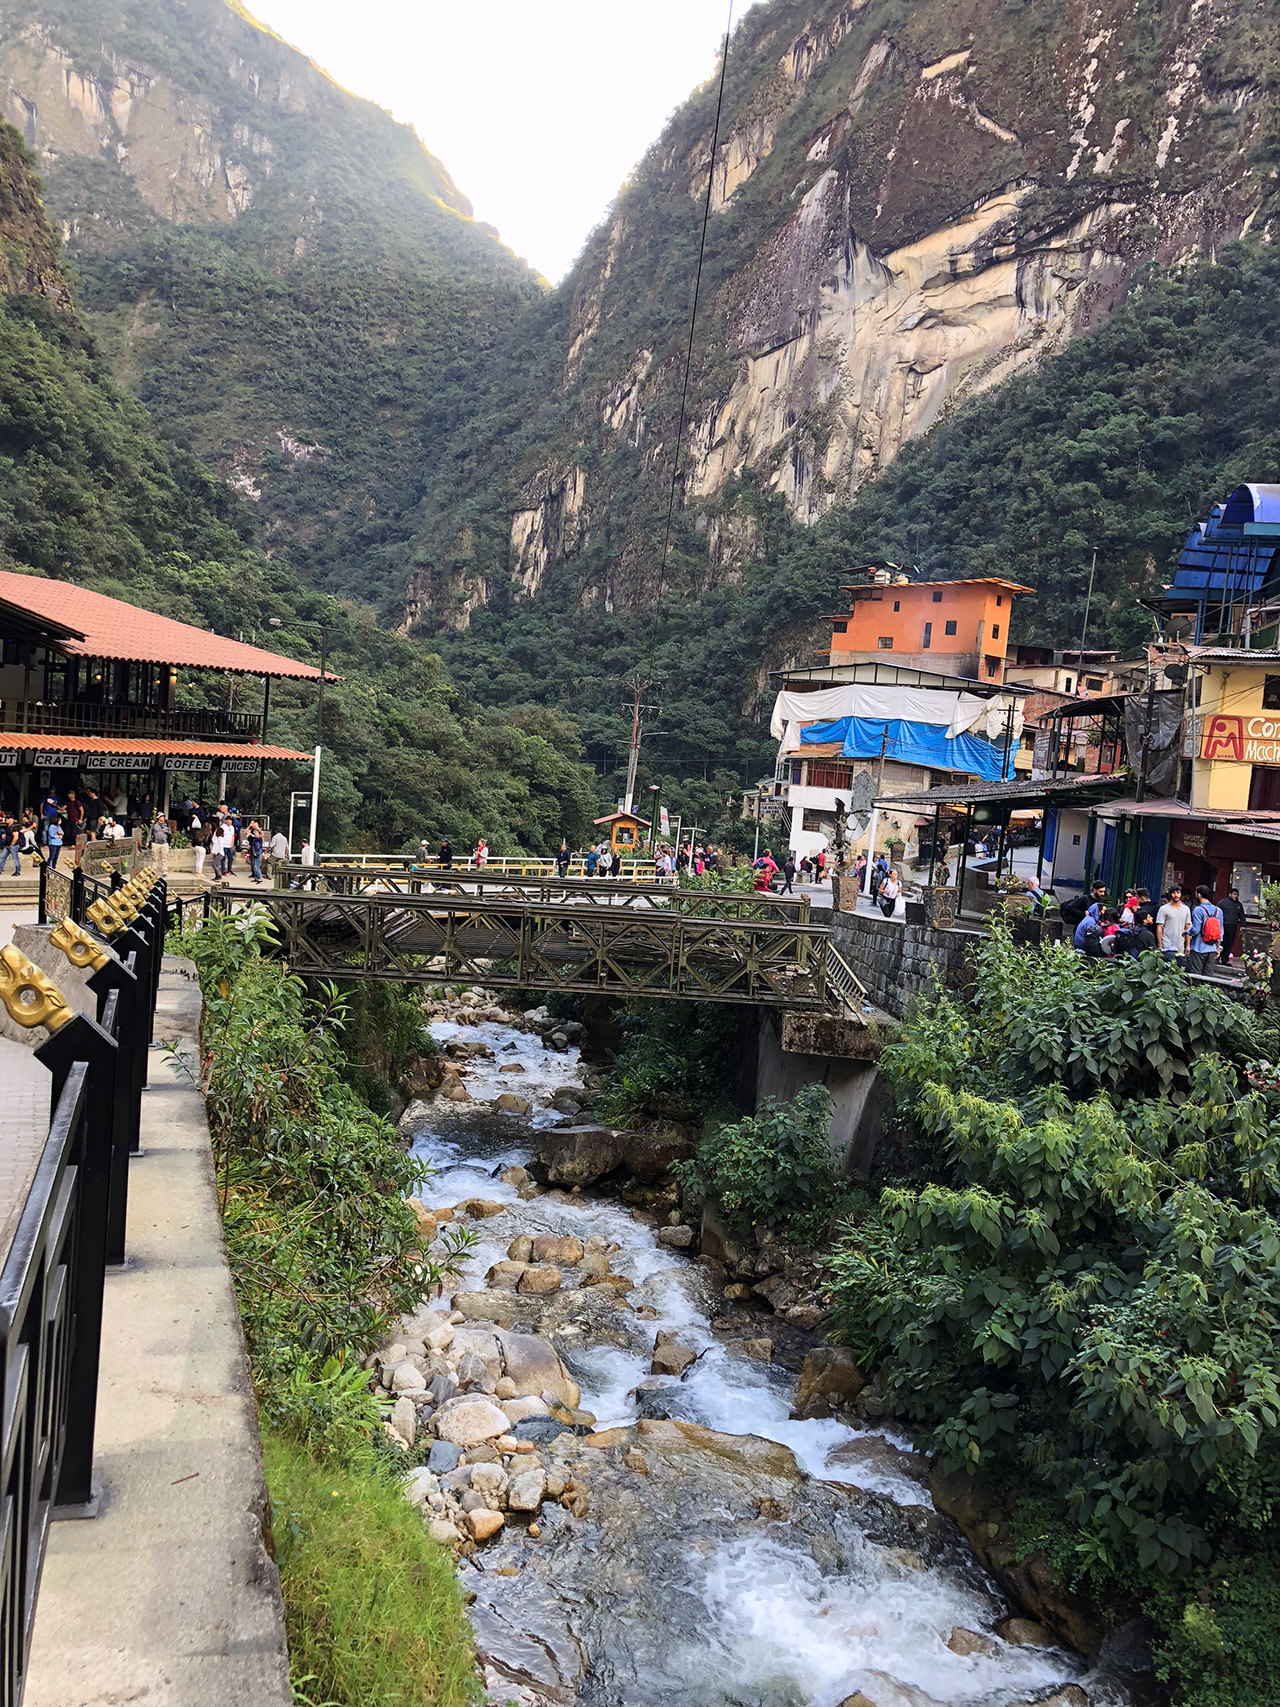 aguas calientes machu picchu pueblo perurail peru aguas calientes - aguas calientes machu picchu pueblo perurail peru 22 - Aguas Calientes, el extraño pueblo de Machu Picchu